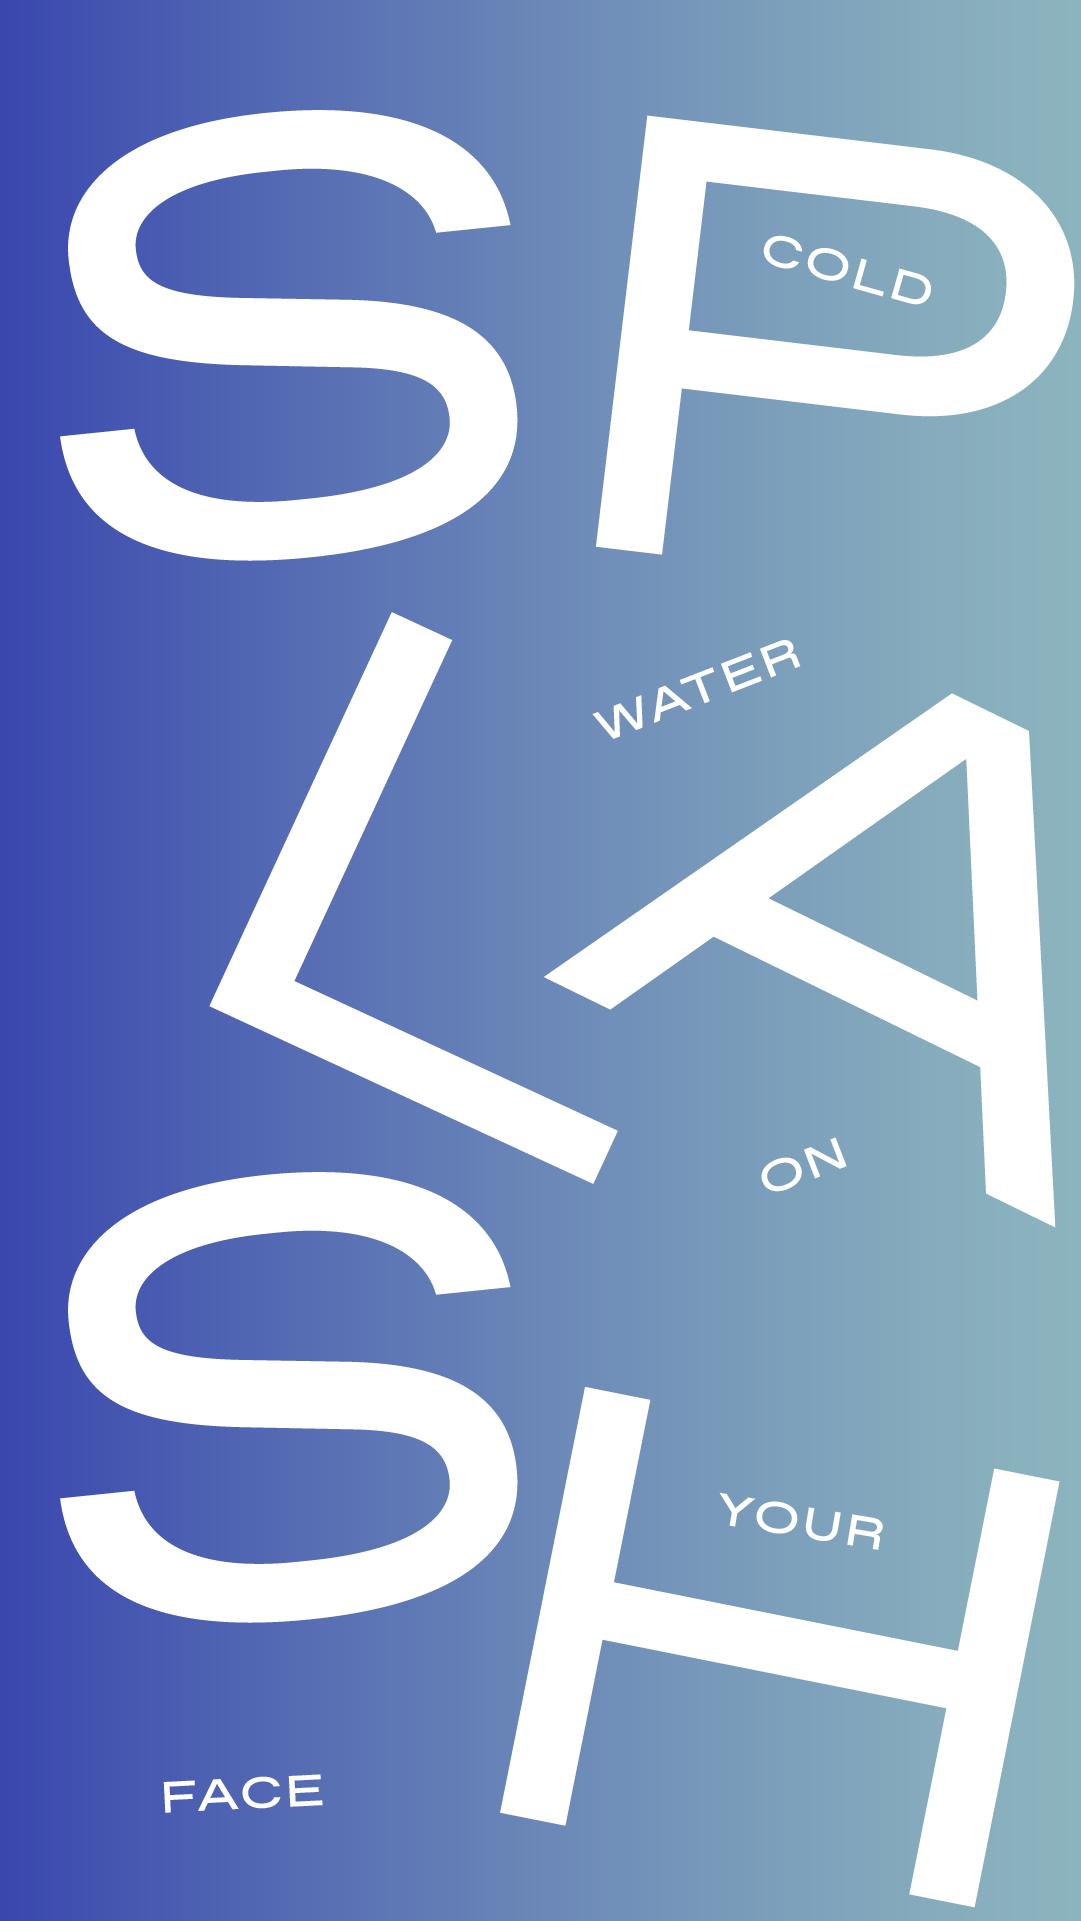 Splash-front_VEDROS